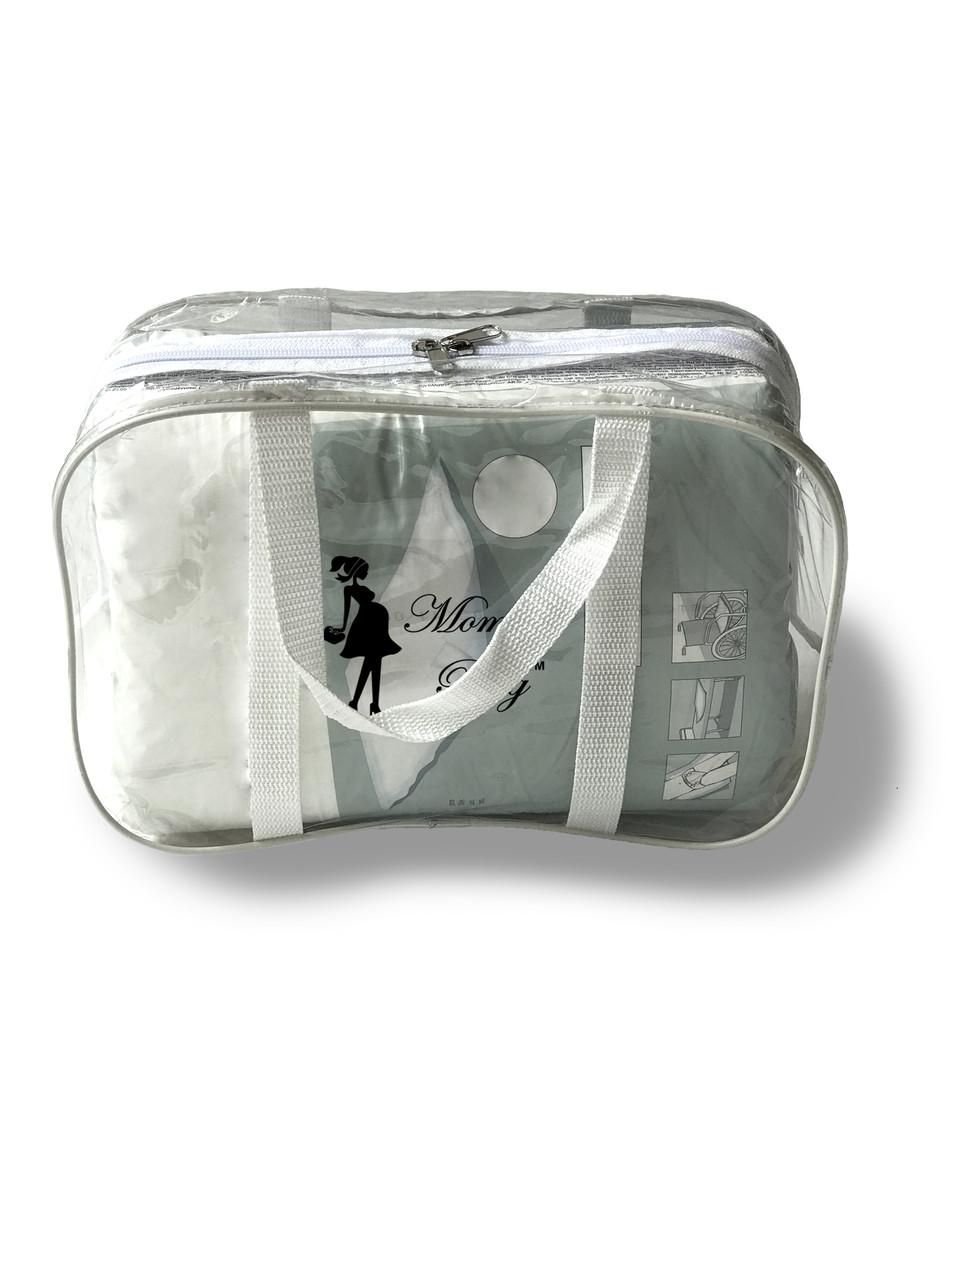 Сумка прозрачная в роддом Mommy Bag - S - 31*21*14 см Белая